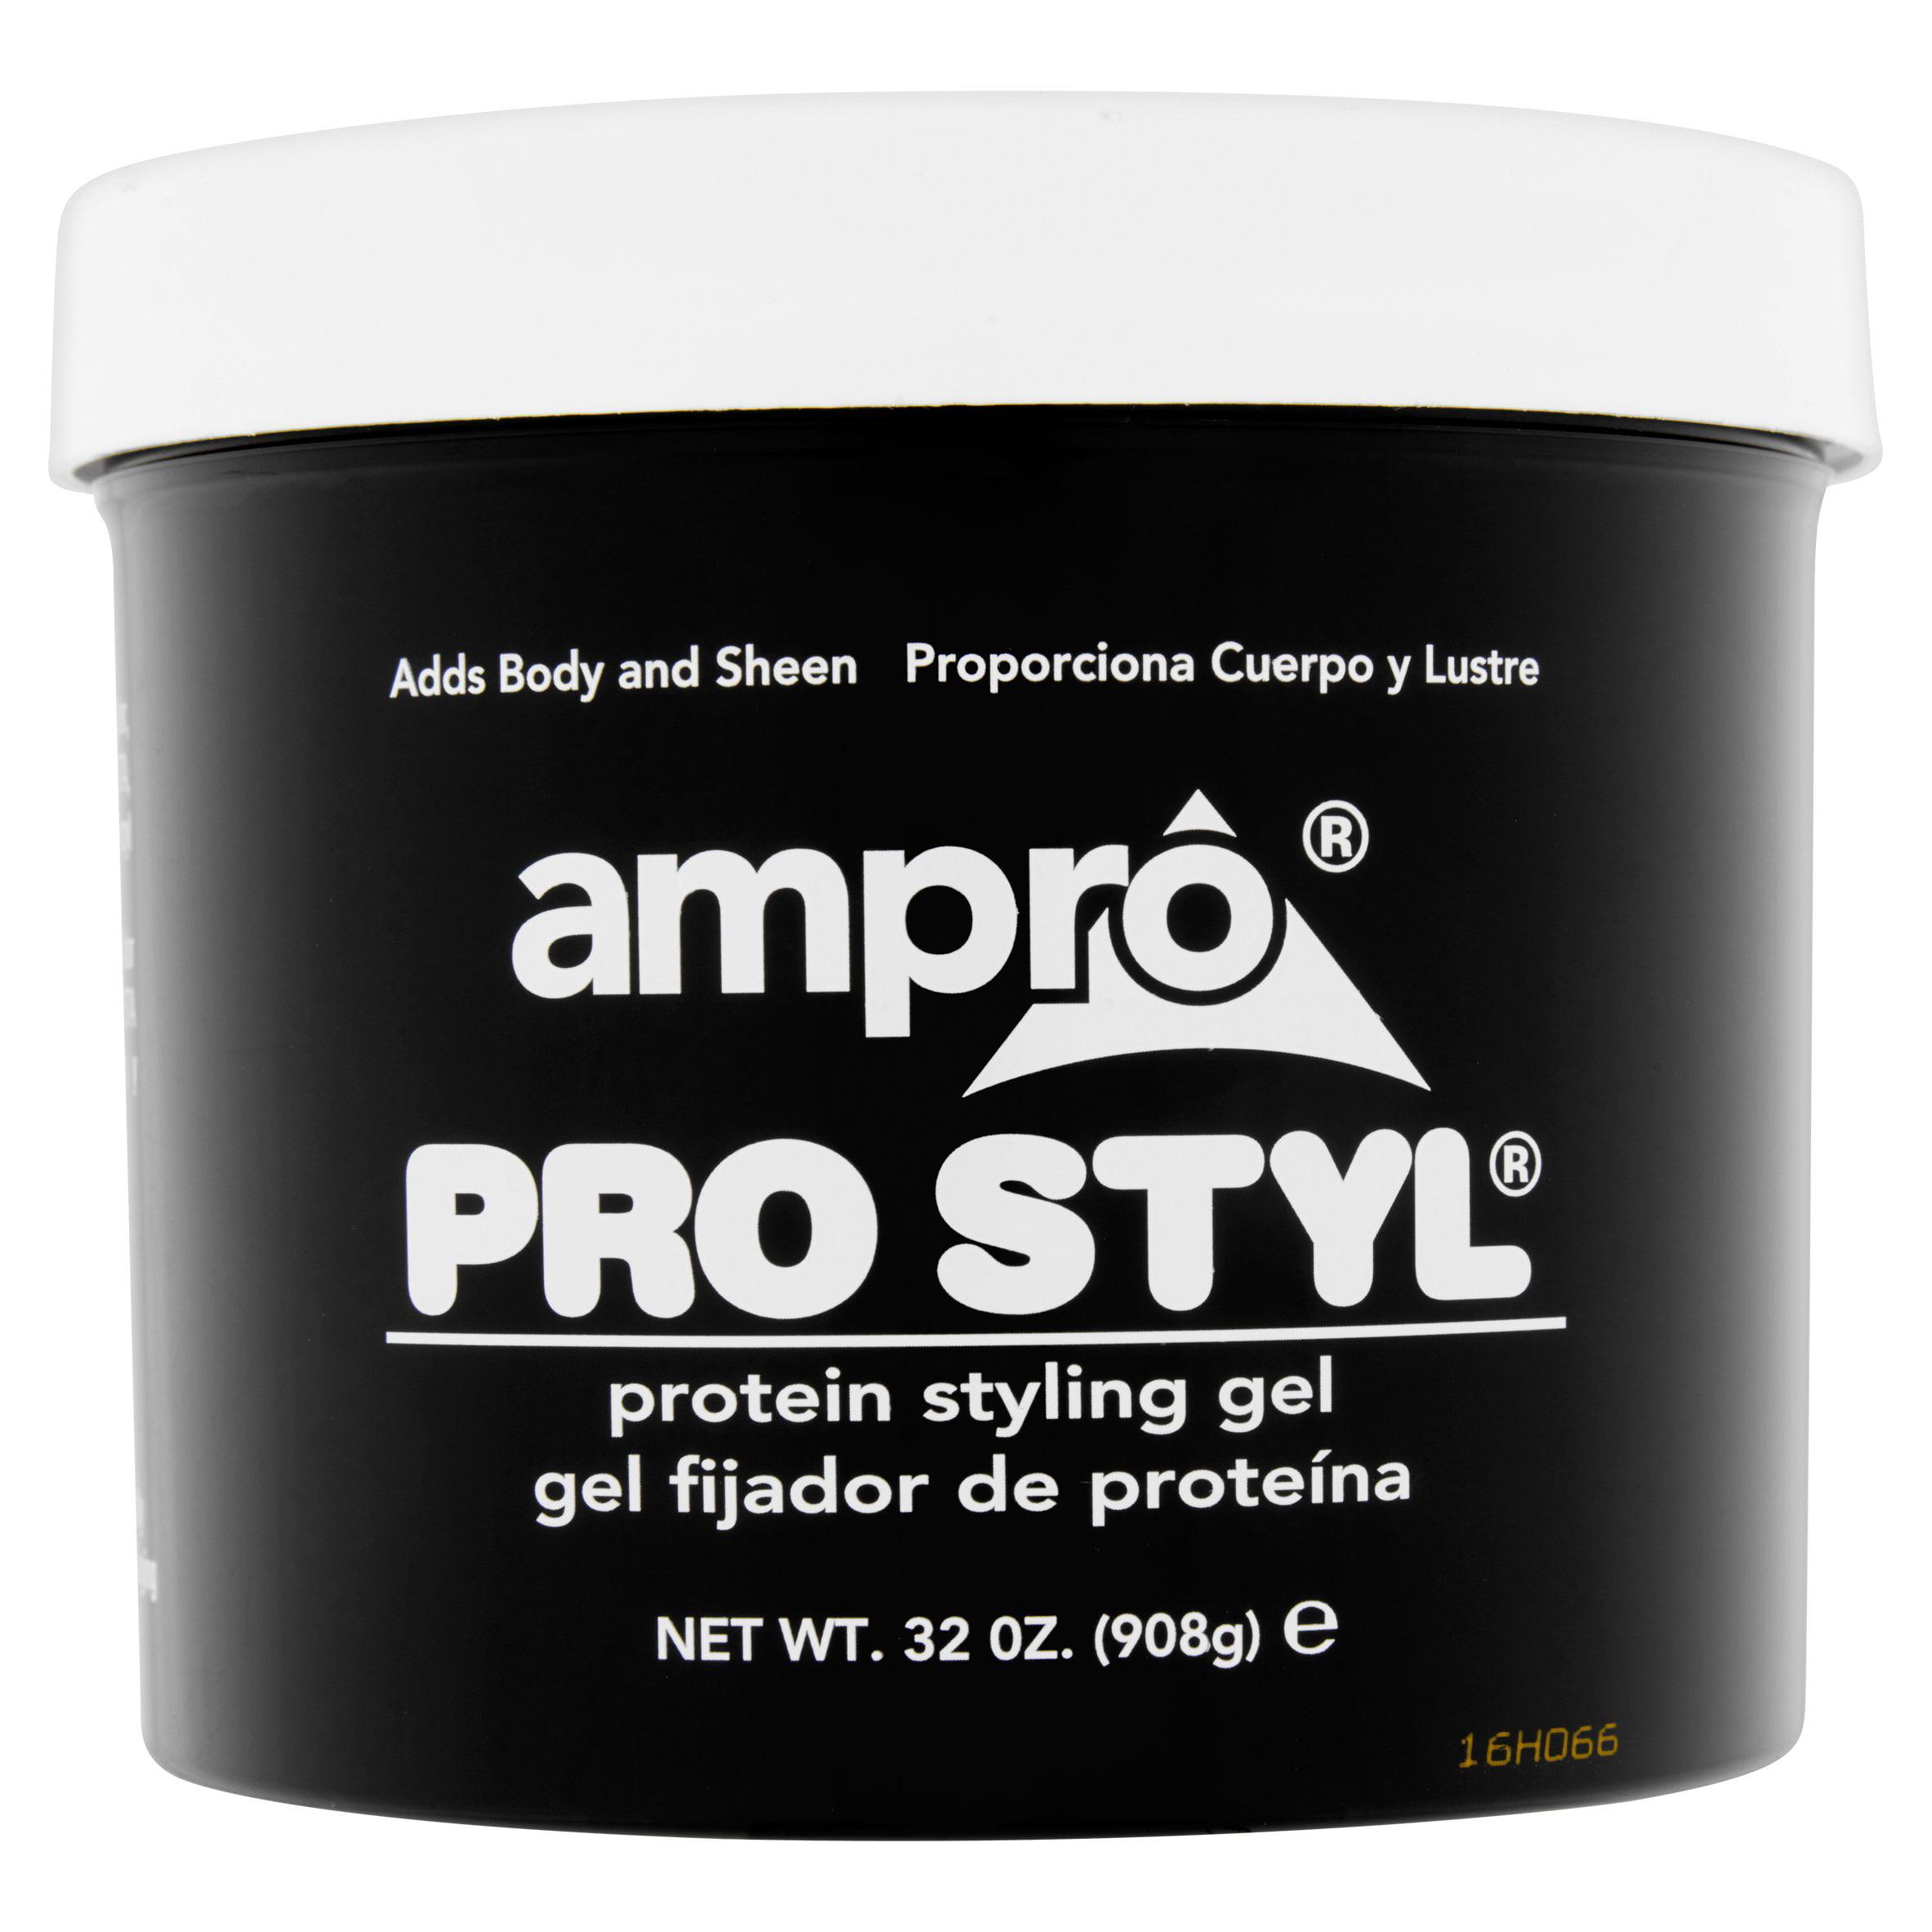 Pro Style Hair Gel Ampro Pro Styl Protein Styling Gel 32 Oz  Walmart